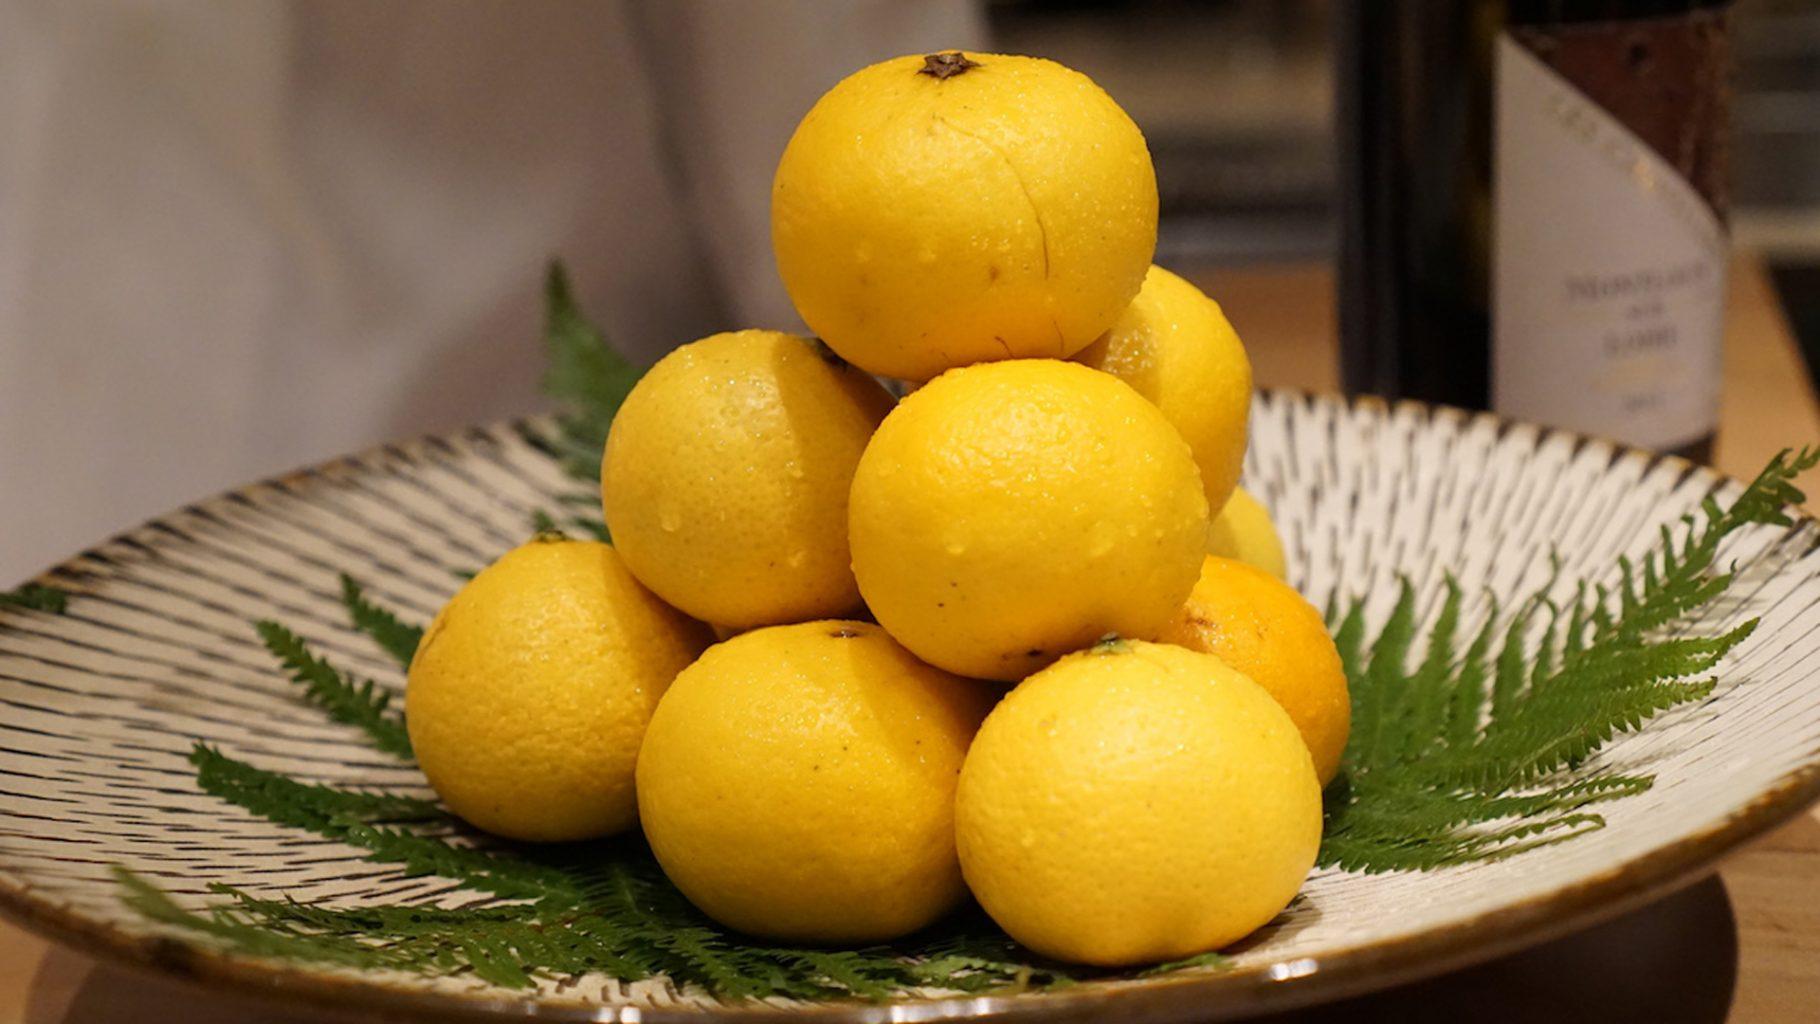 Sugalabo, genko citrus